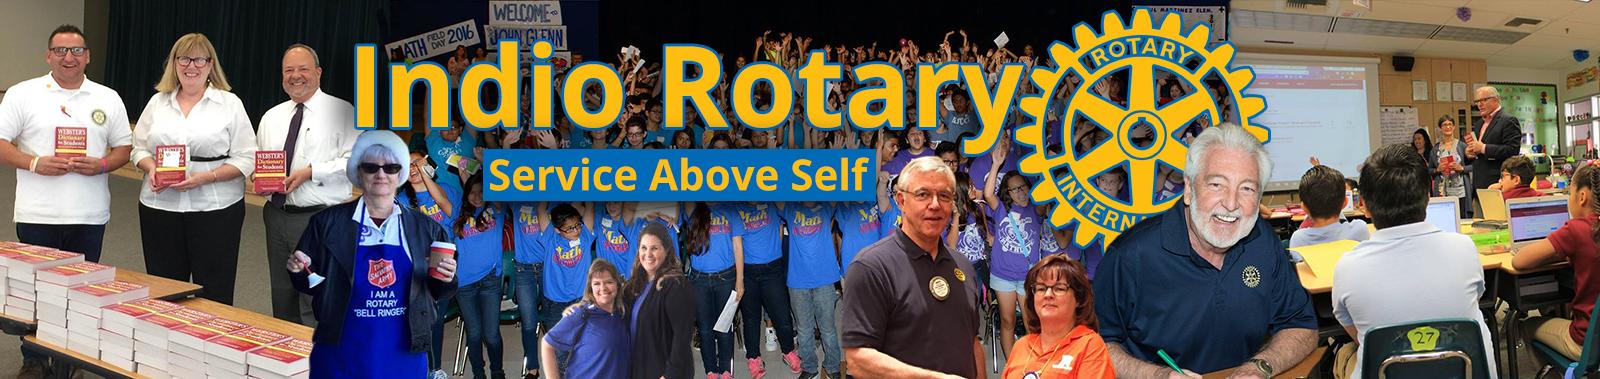 Indio Rotary